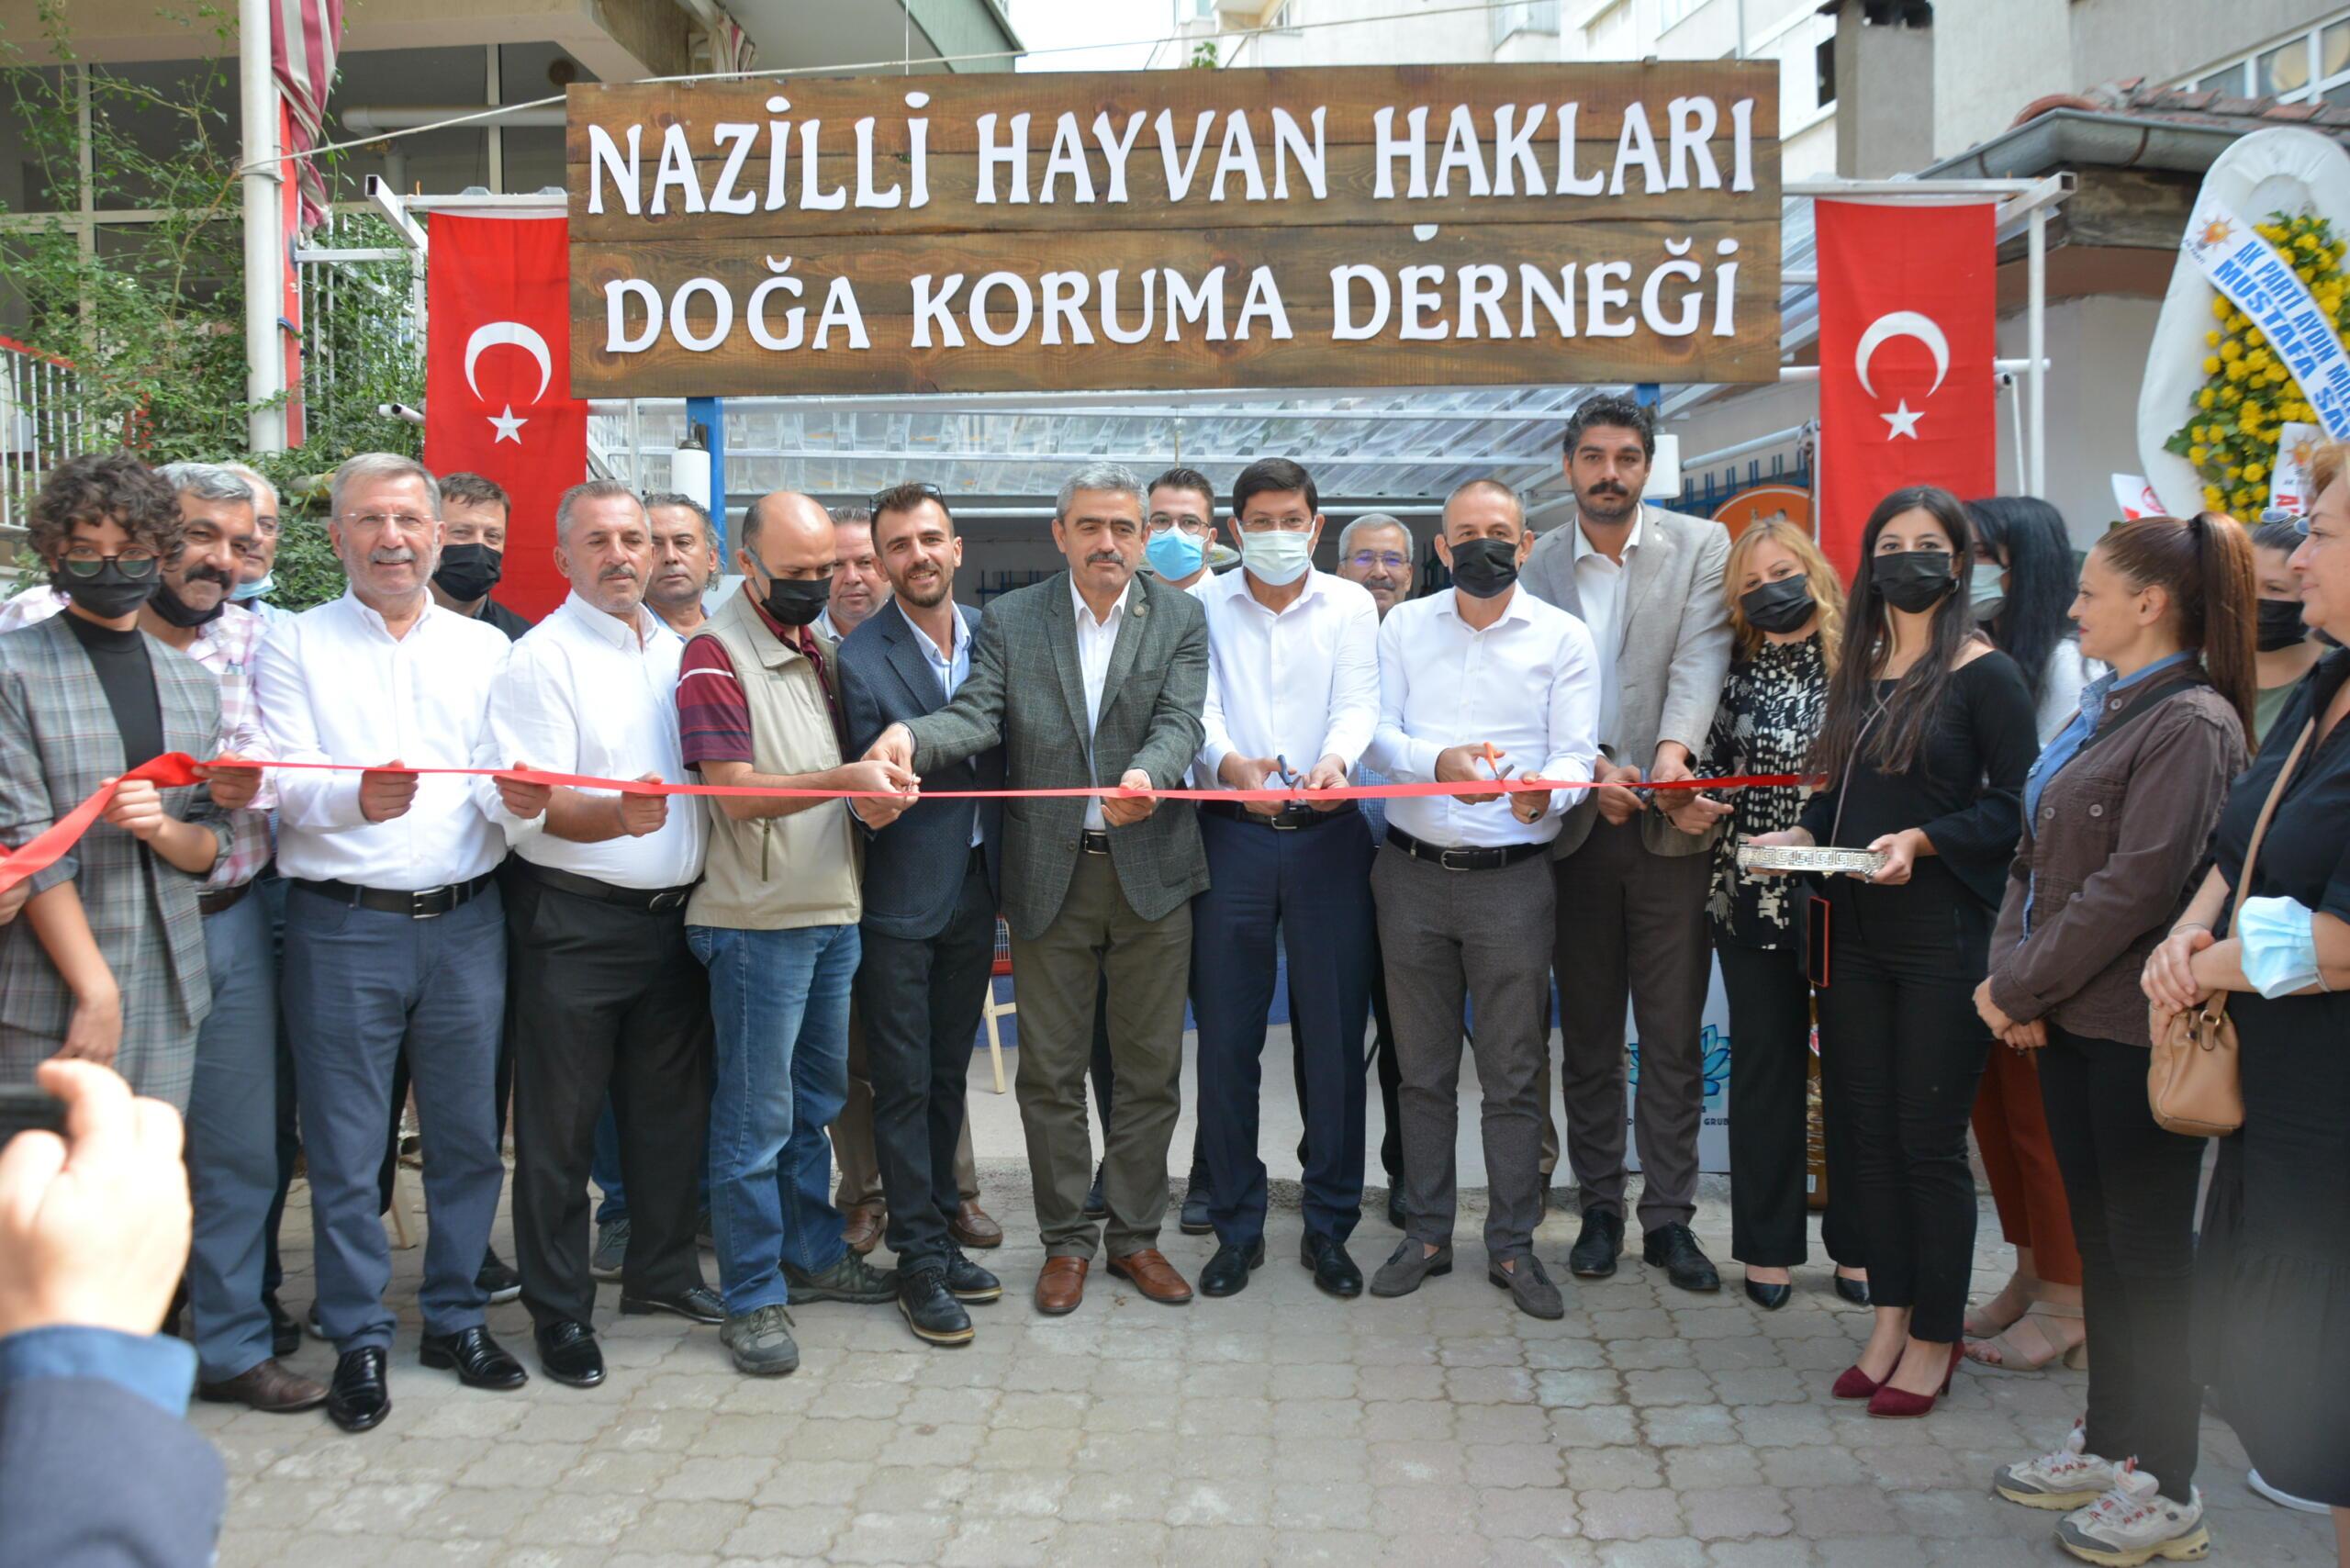 Nazilli'de Hayvan Hakları Doğa Koruma Derneği Açıldı